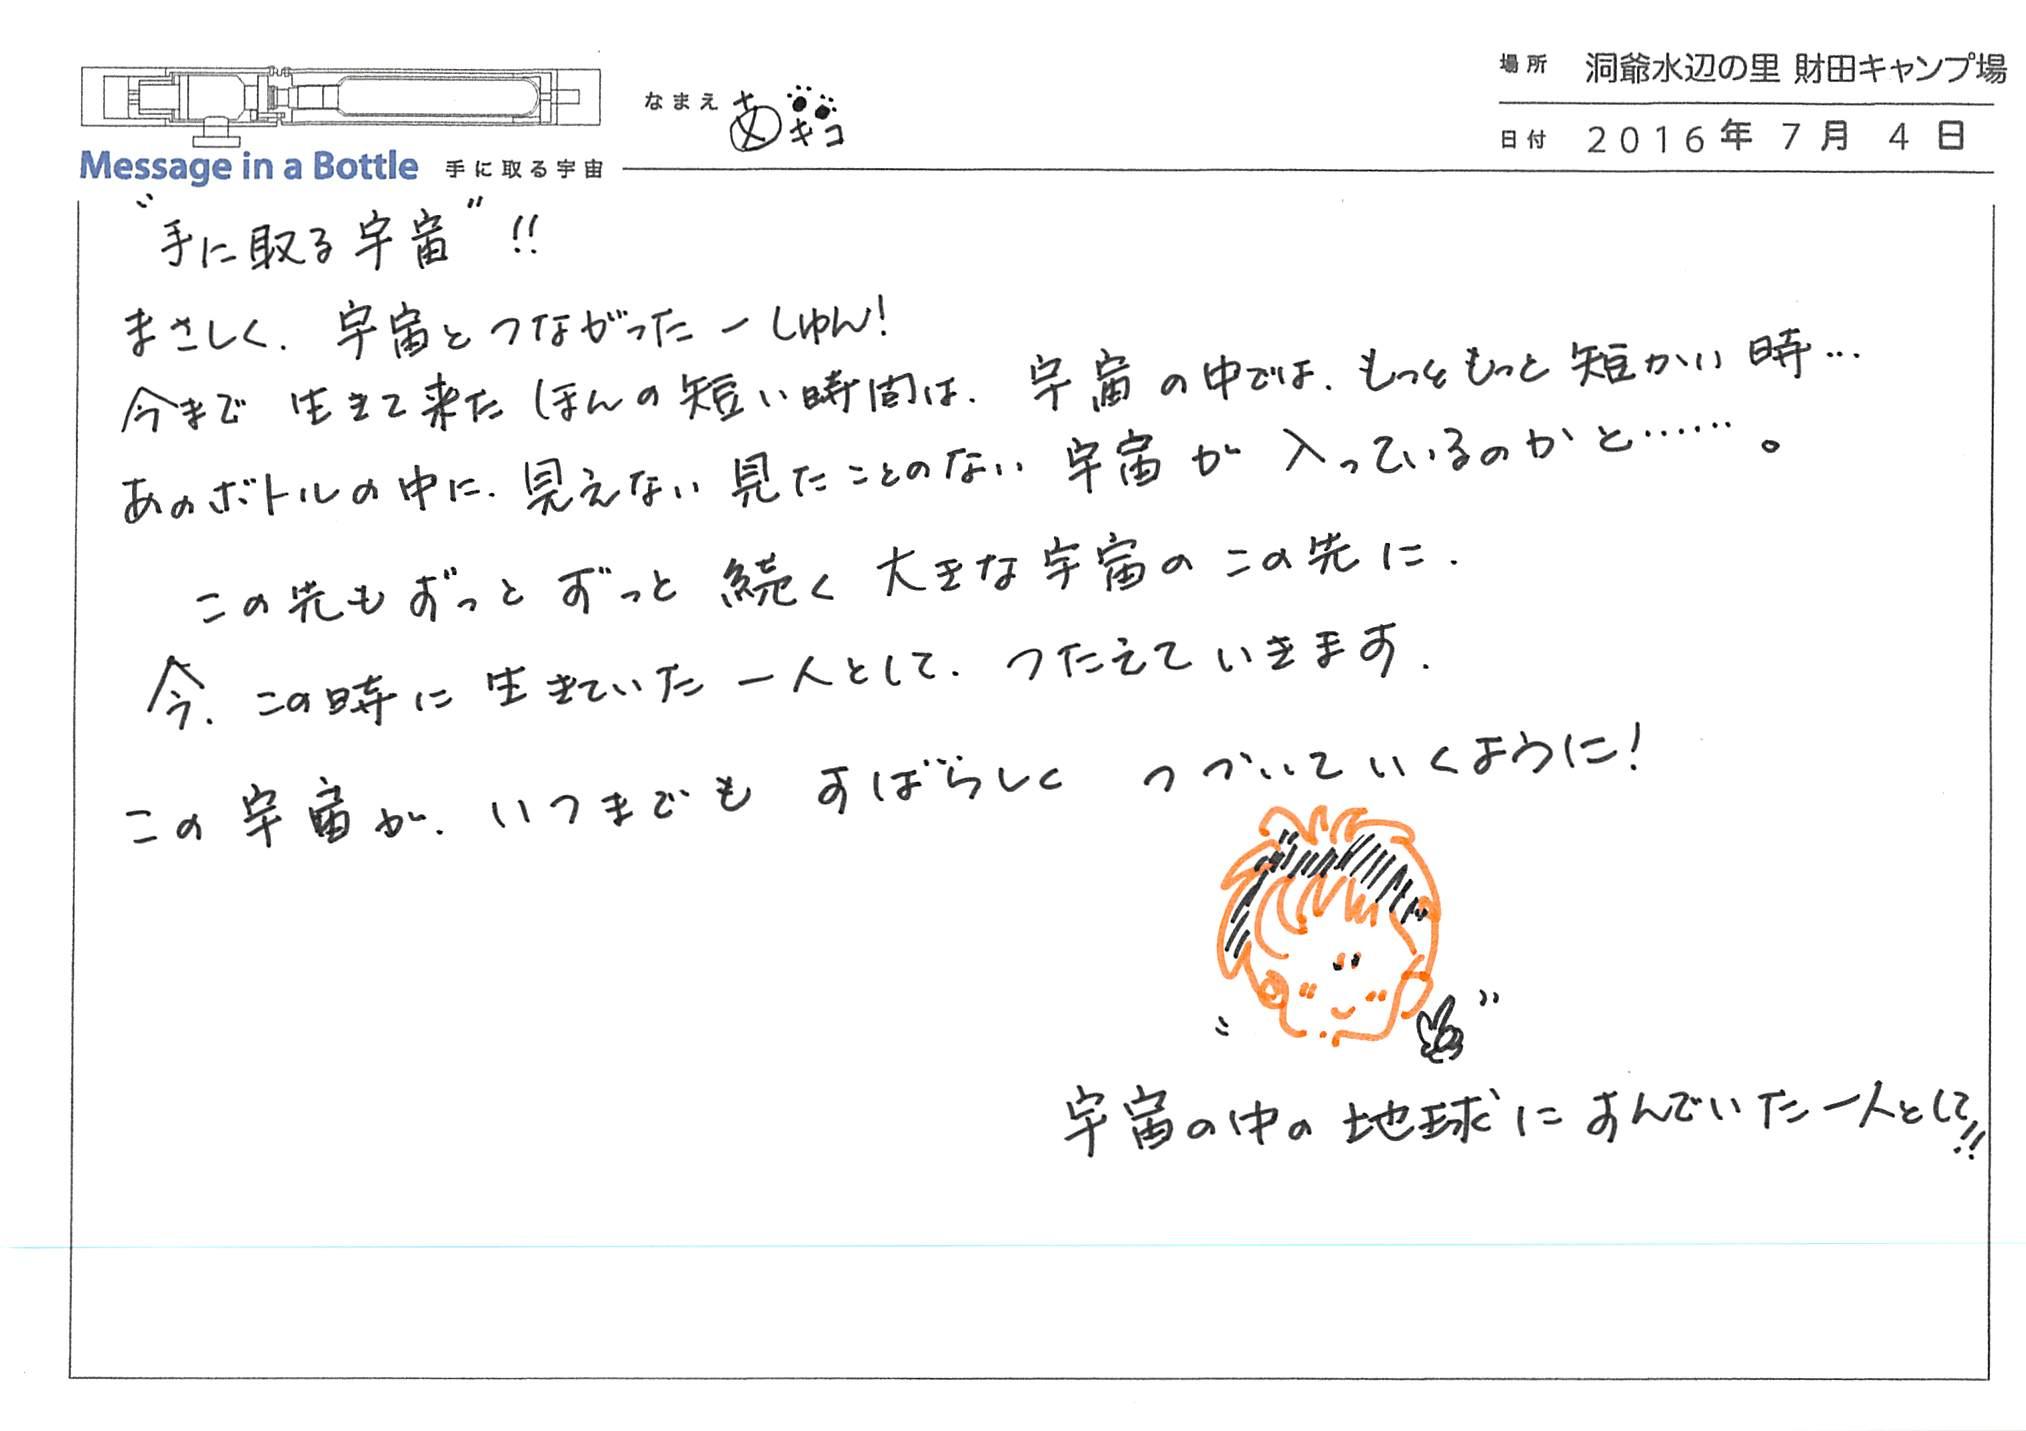 2016-07-04-17-03-31.jpg